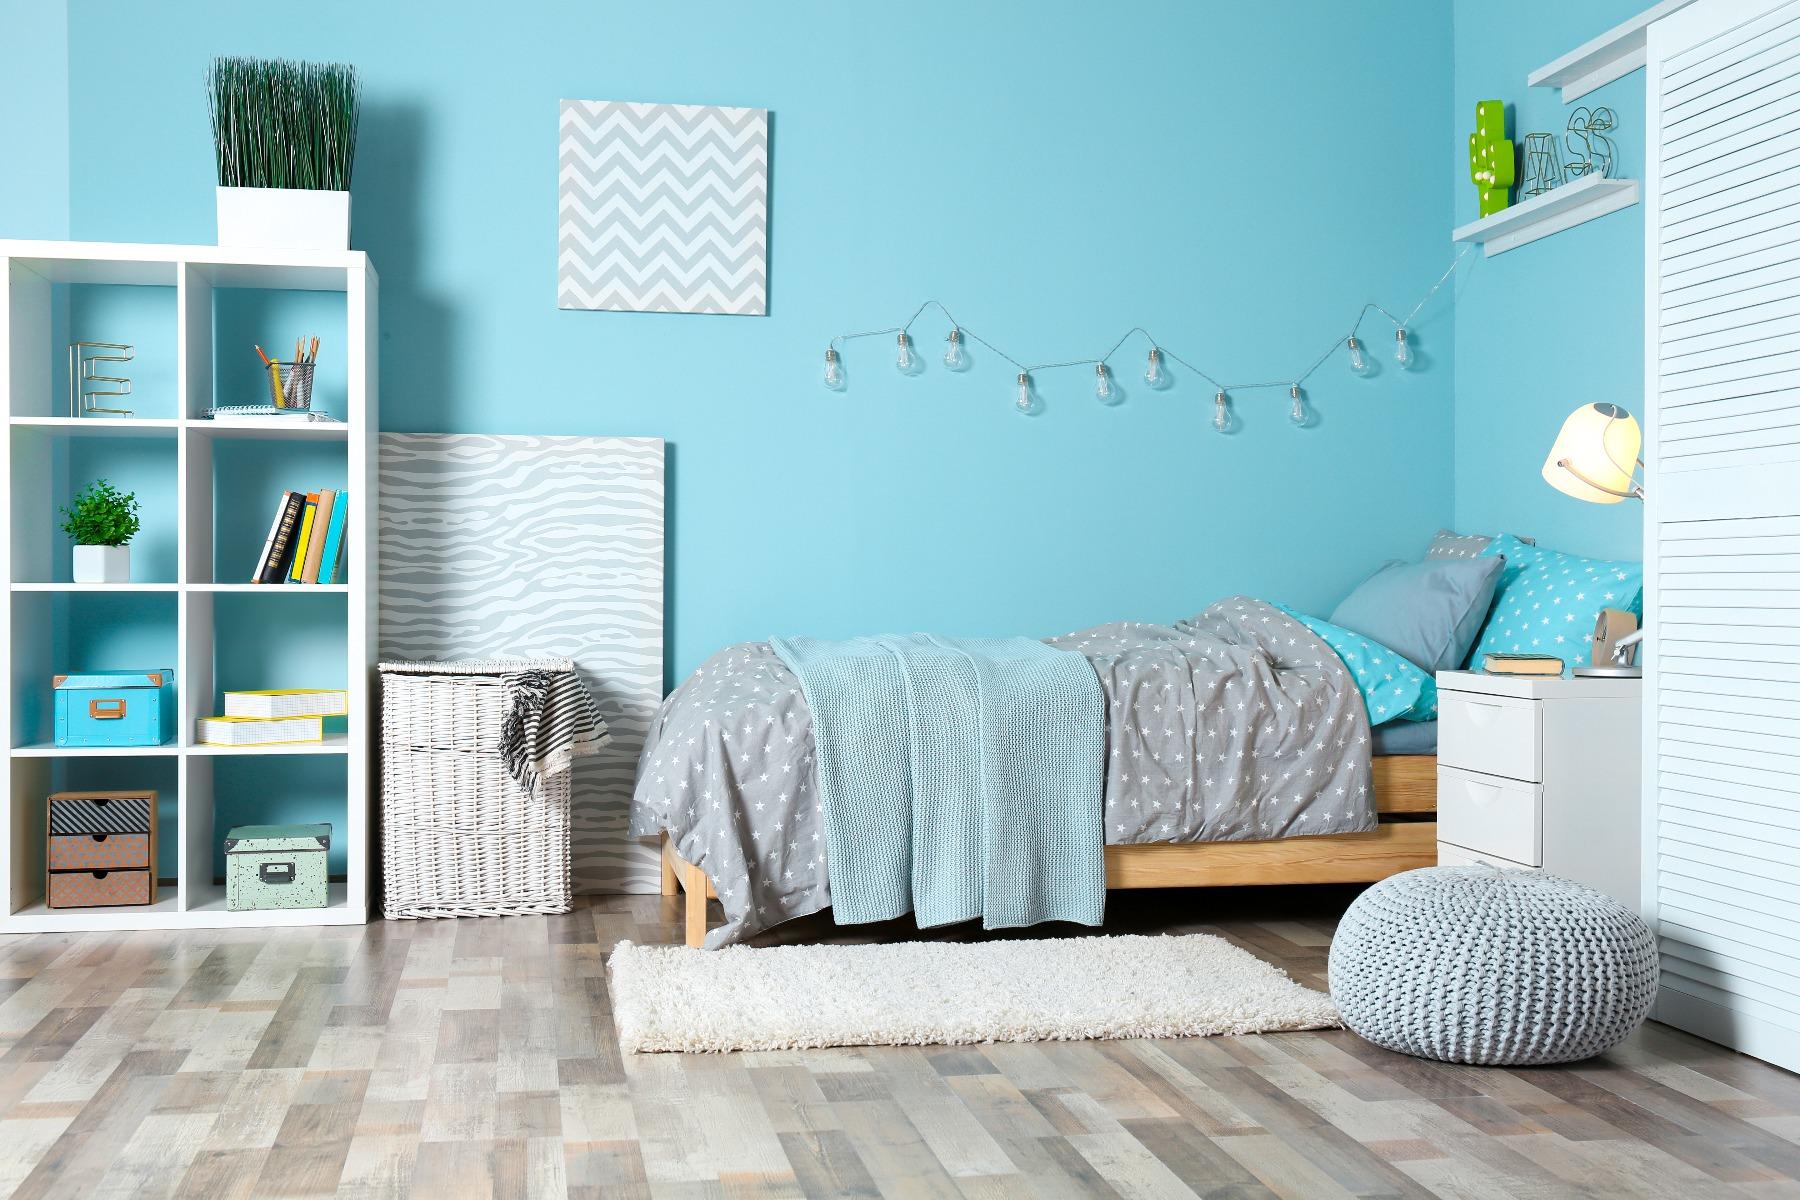 Das Bild zeigt ein kleines Jugendzimmer.